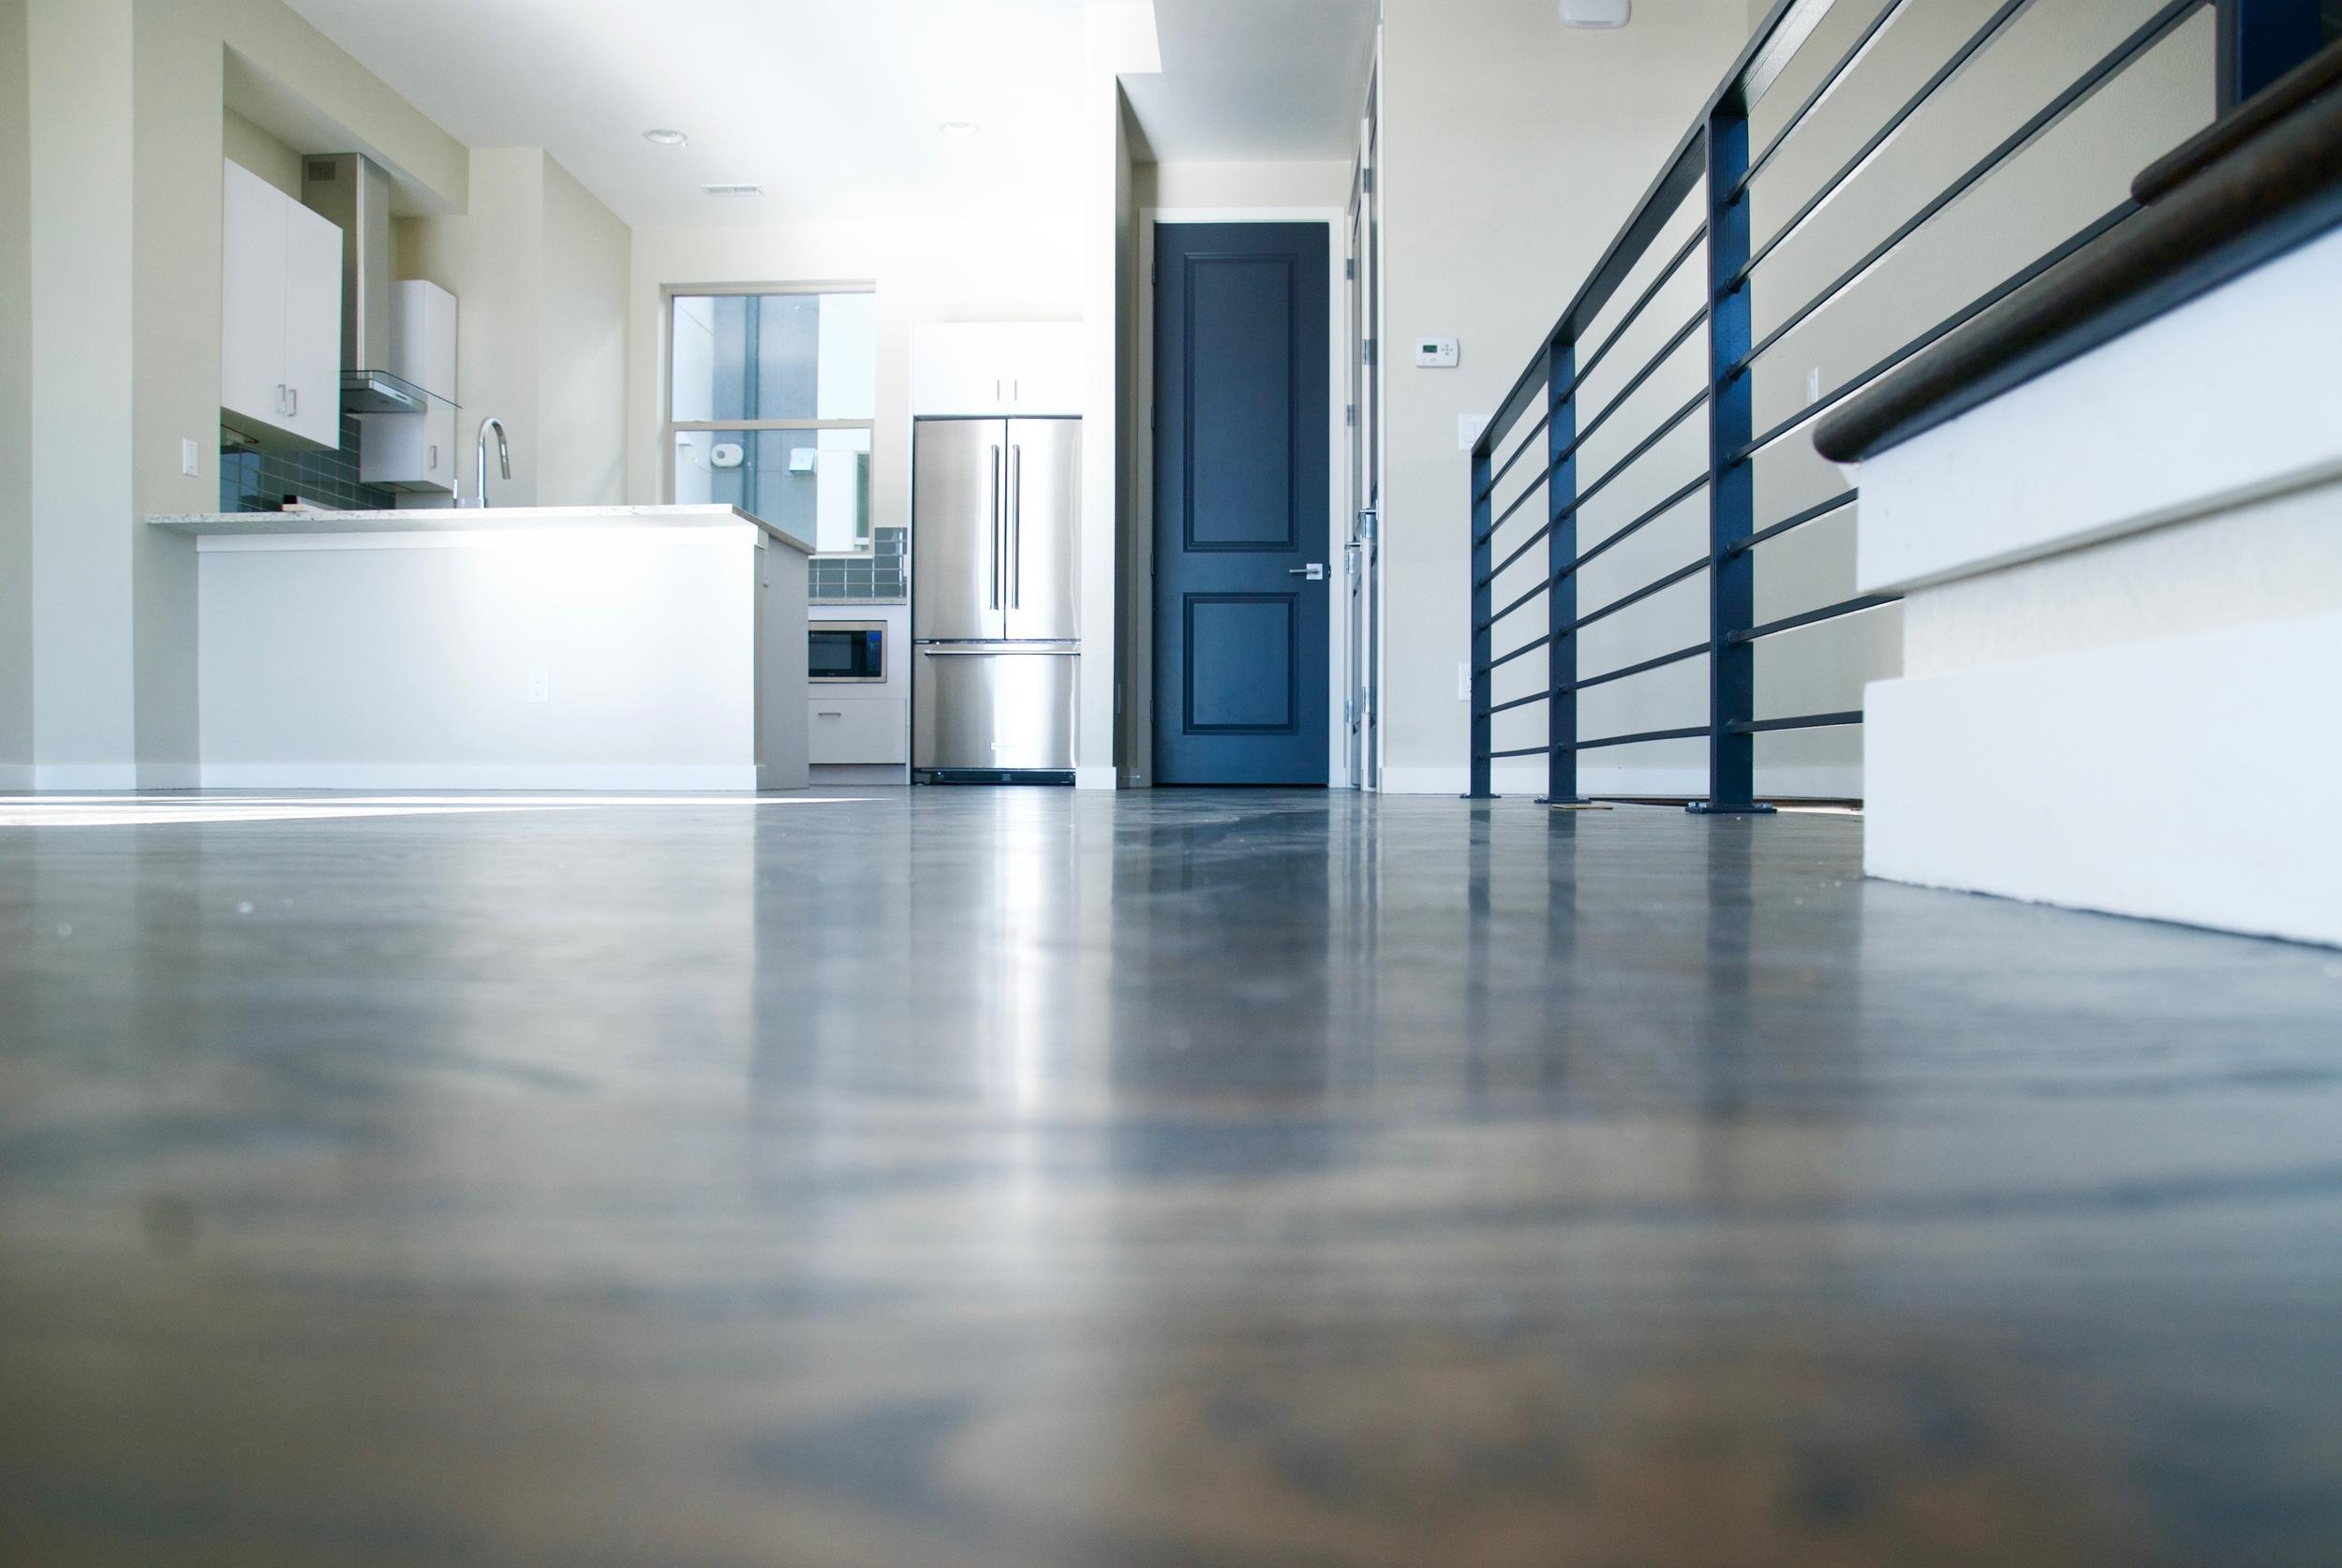 Main image of Residential Hardwood Flooring for Zuni Denver by ASA Flooring